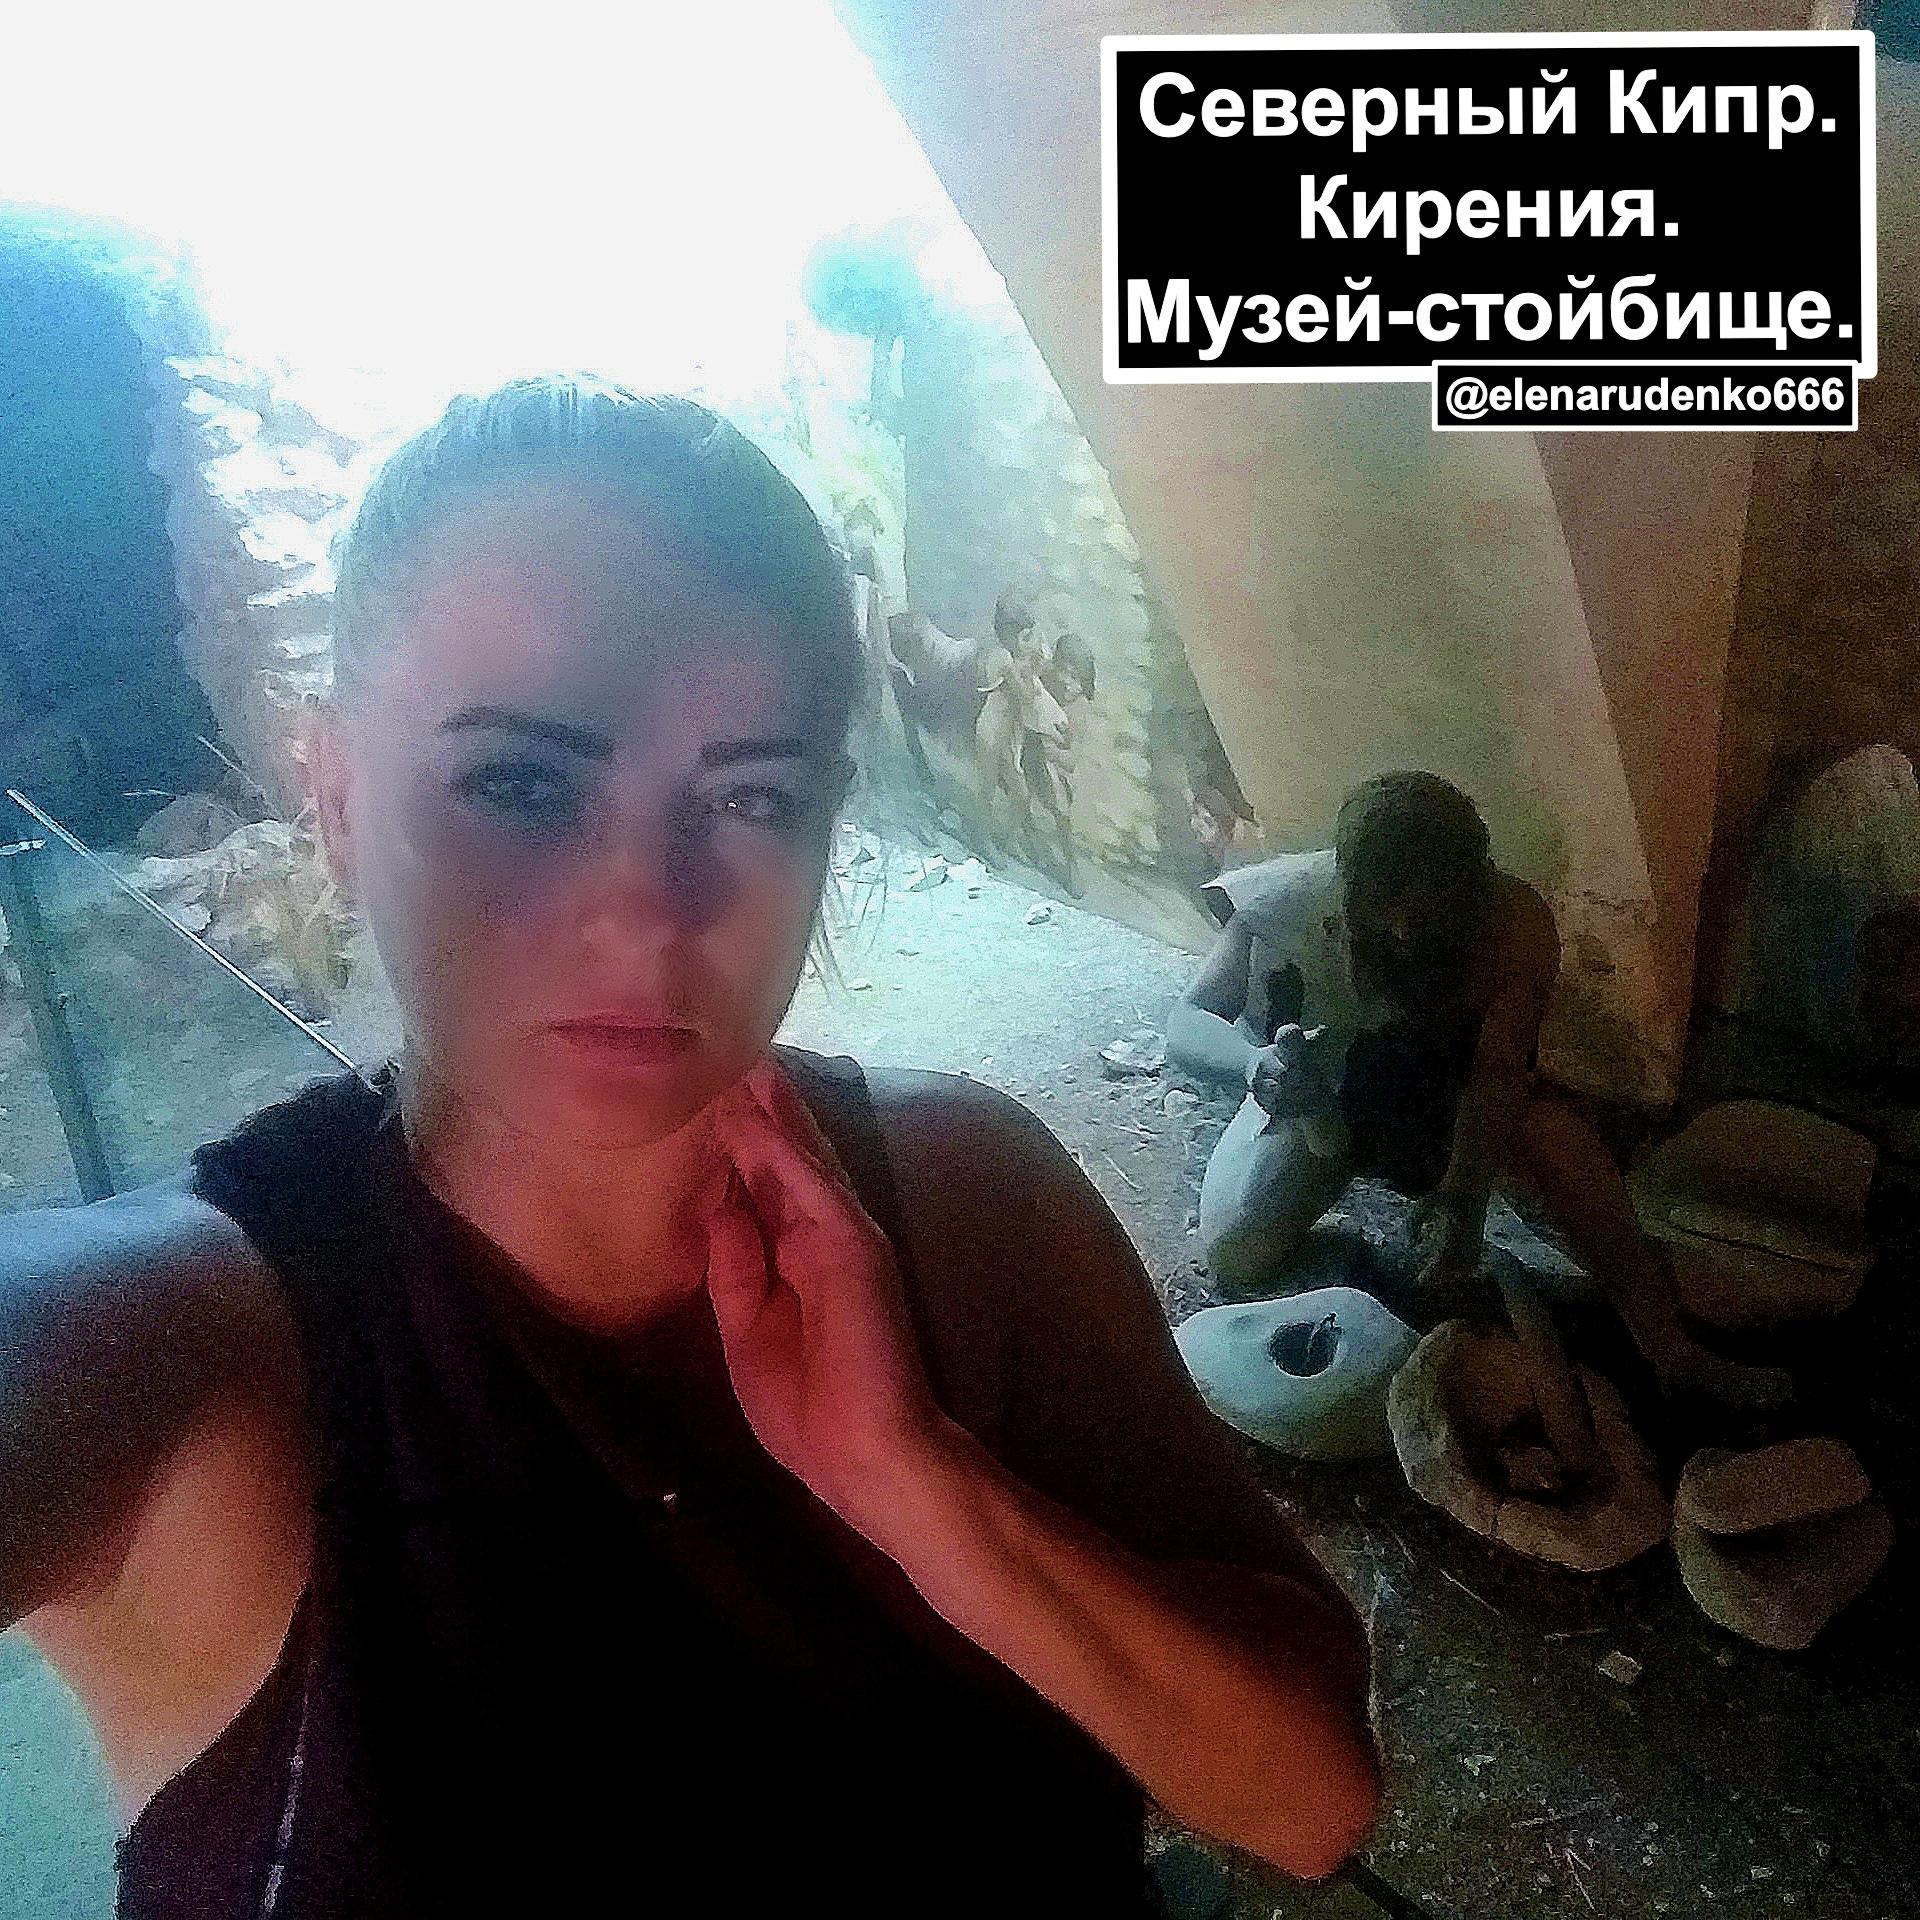 Хиккадува - Интересные места в которых я побывала (Елена Руденко). 7qG5wkcuv7E